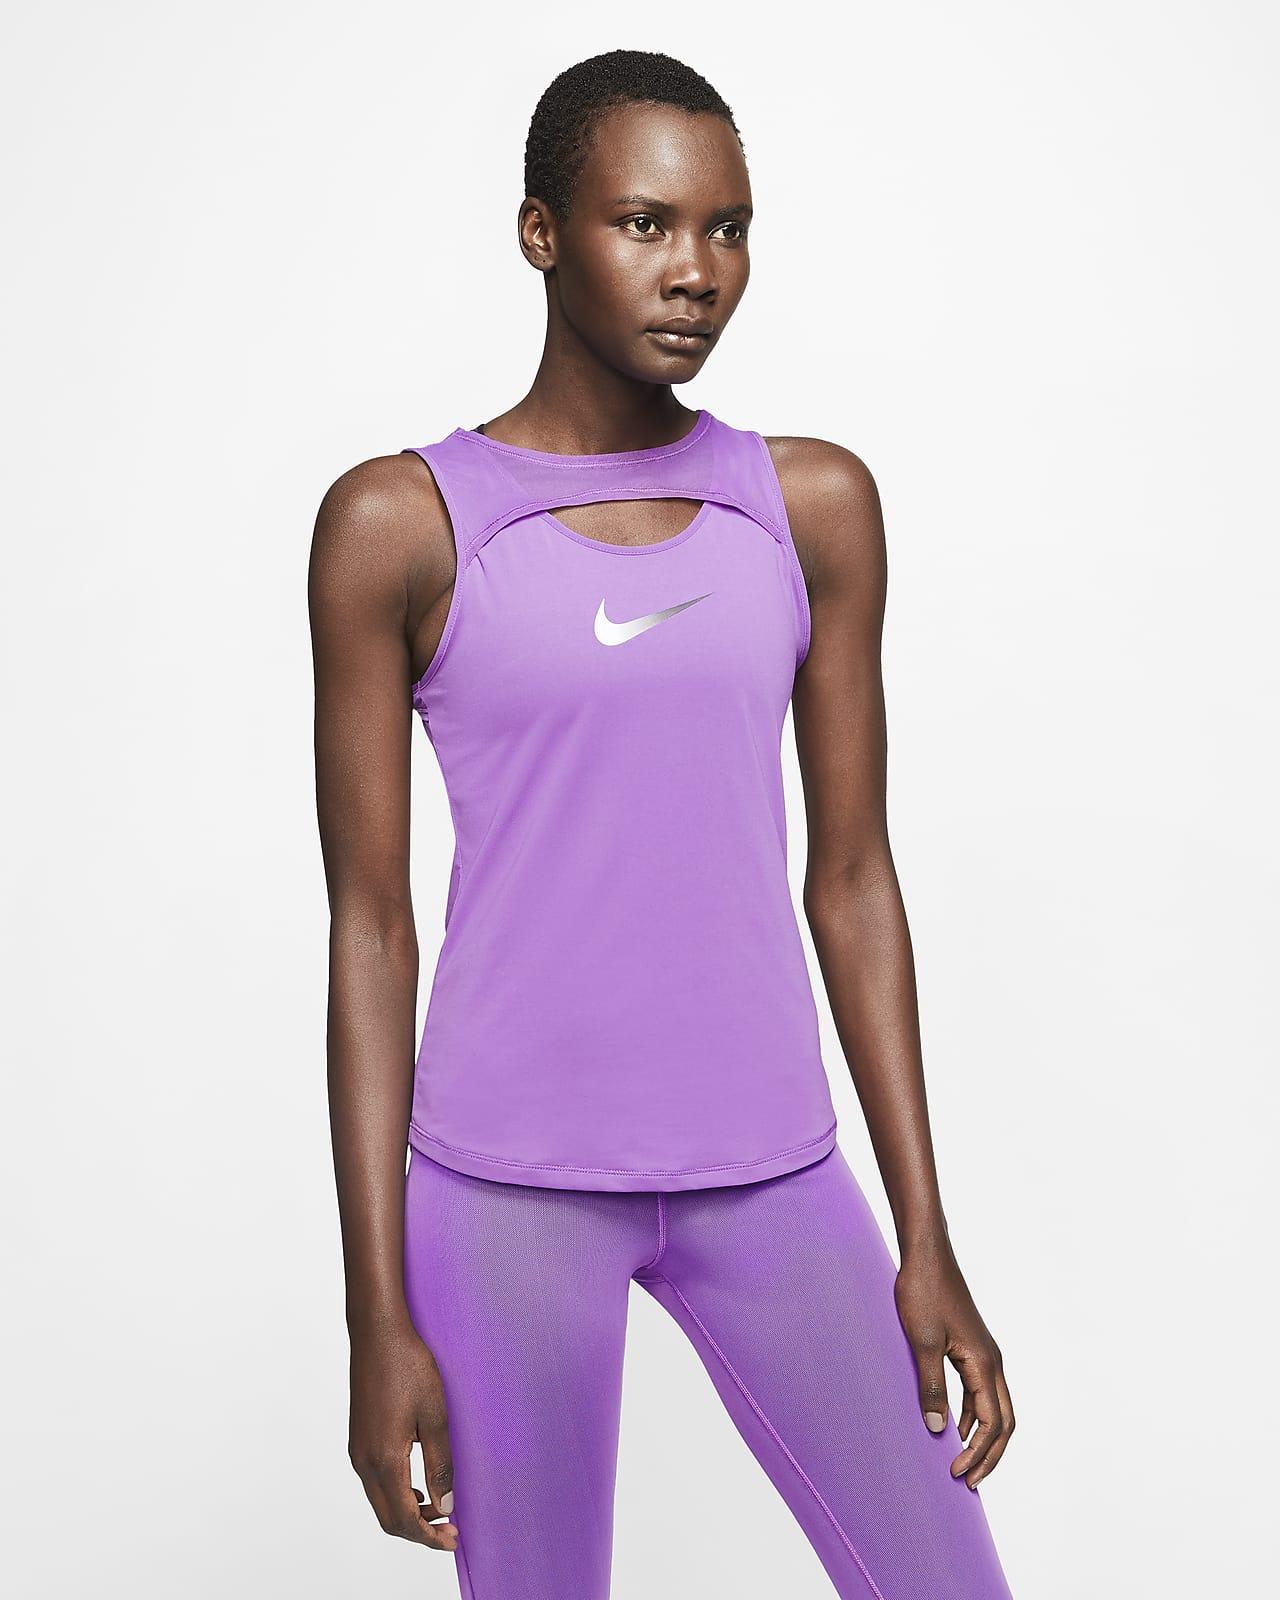 Nike-løbetanktop til kvinder